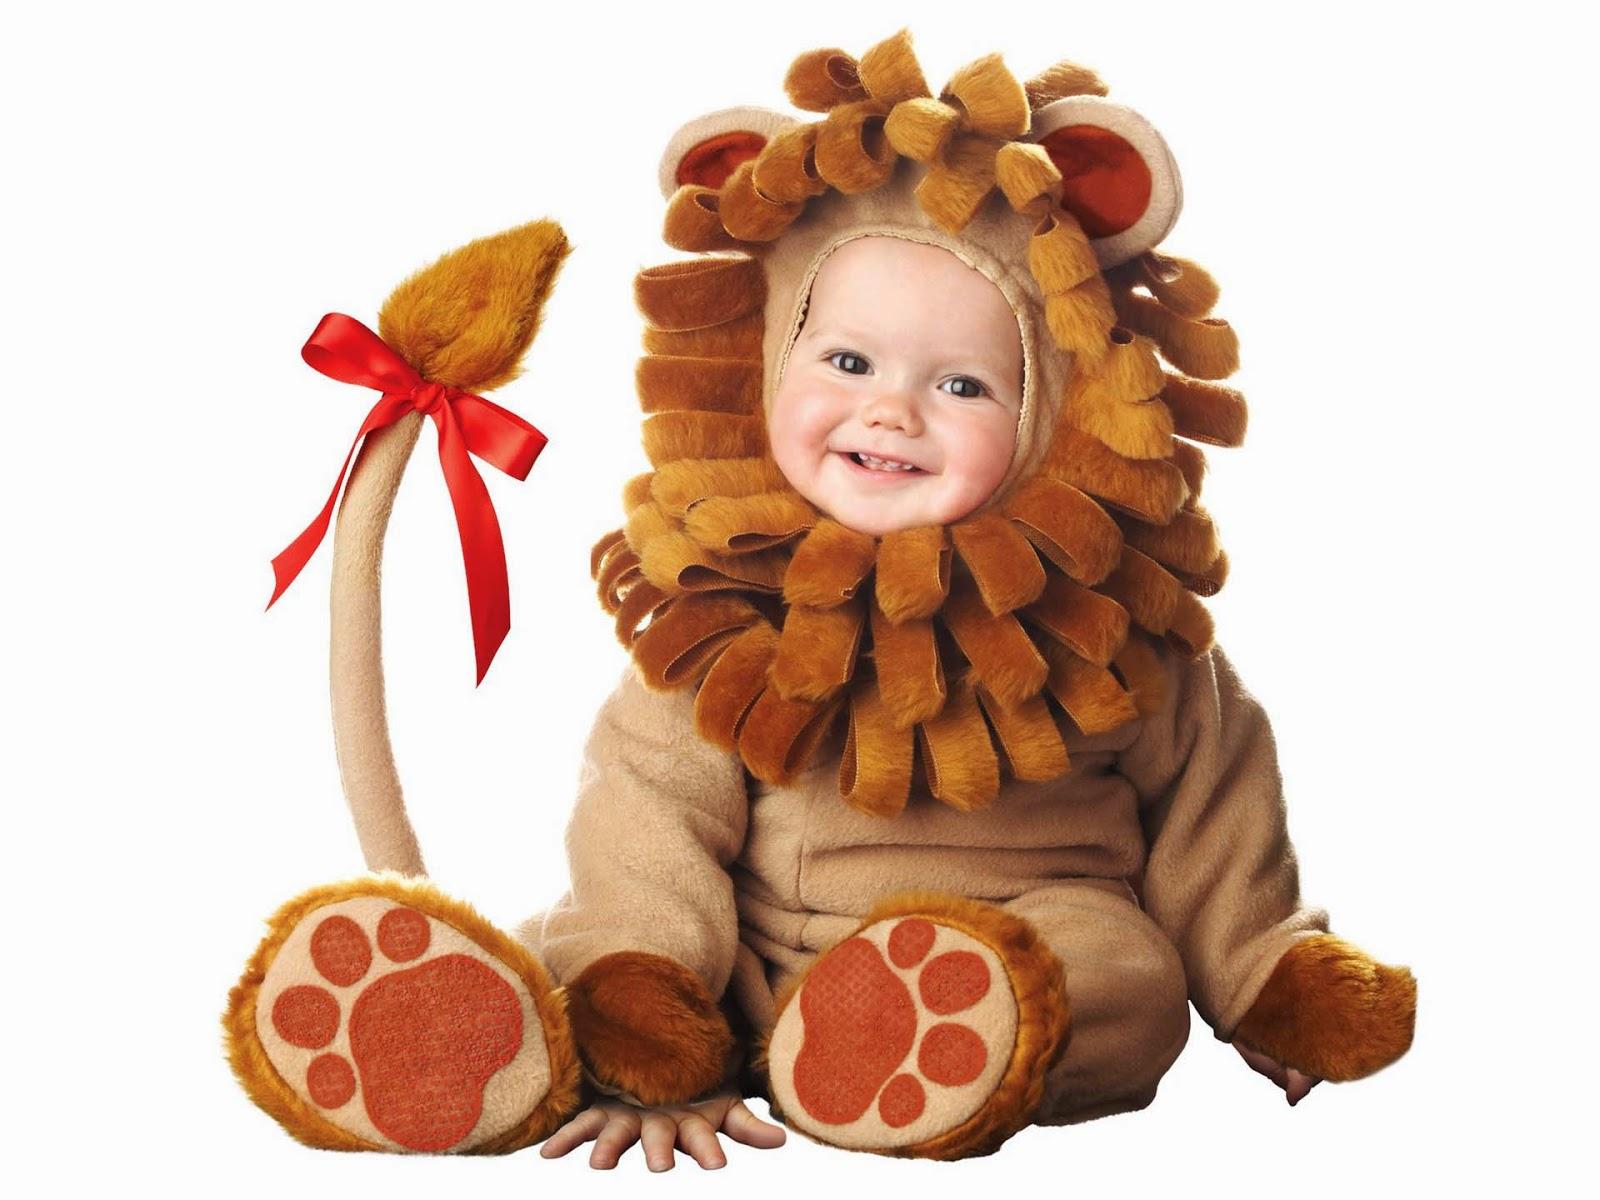 sevimli-bebek-in-kış giysi